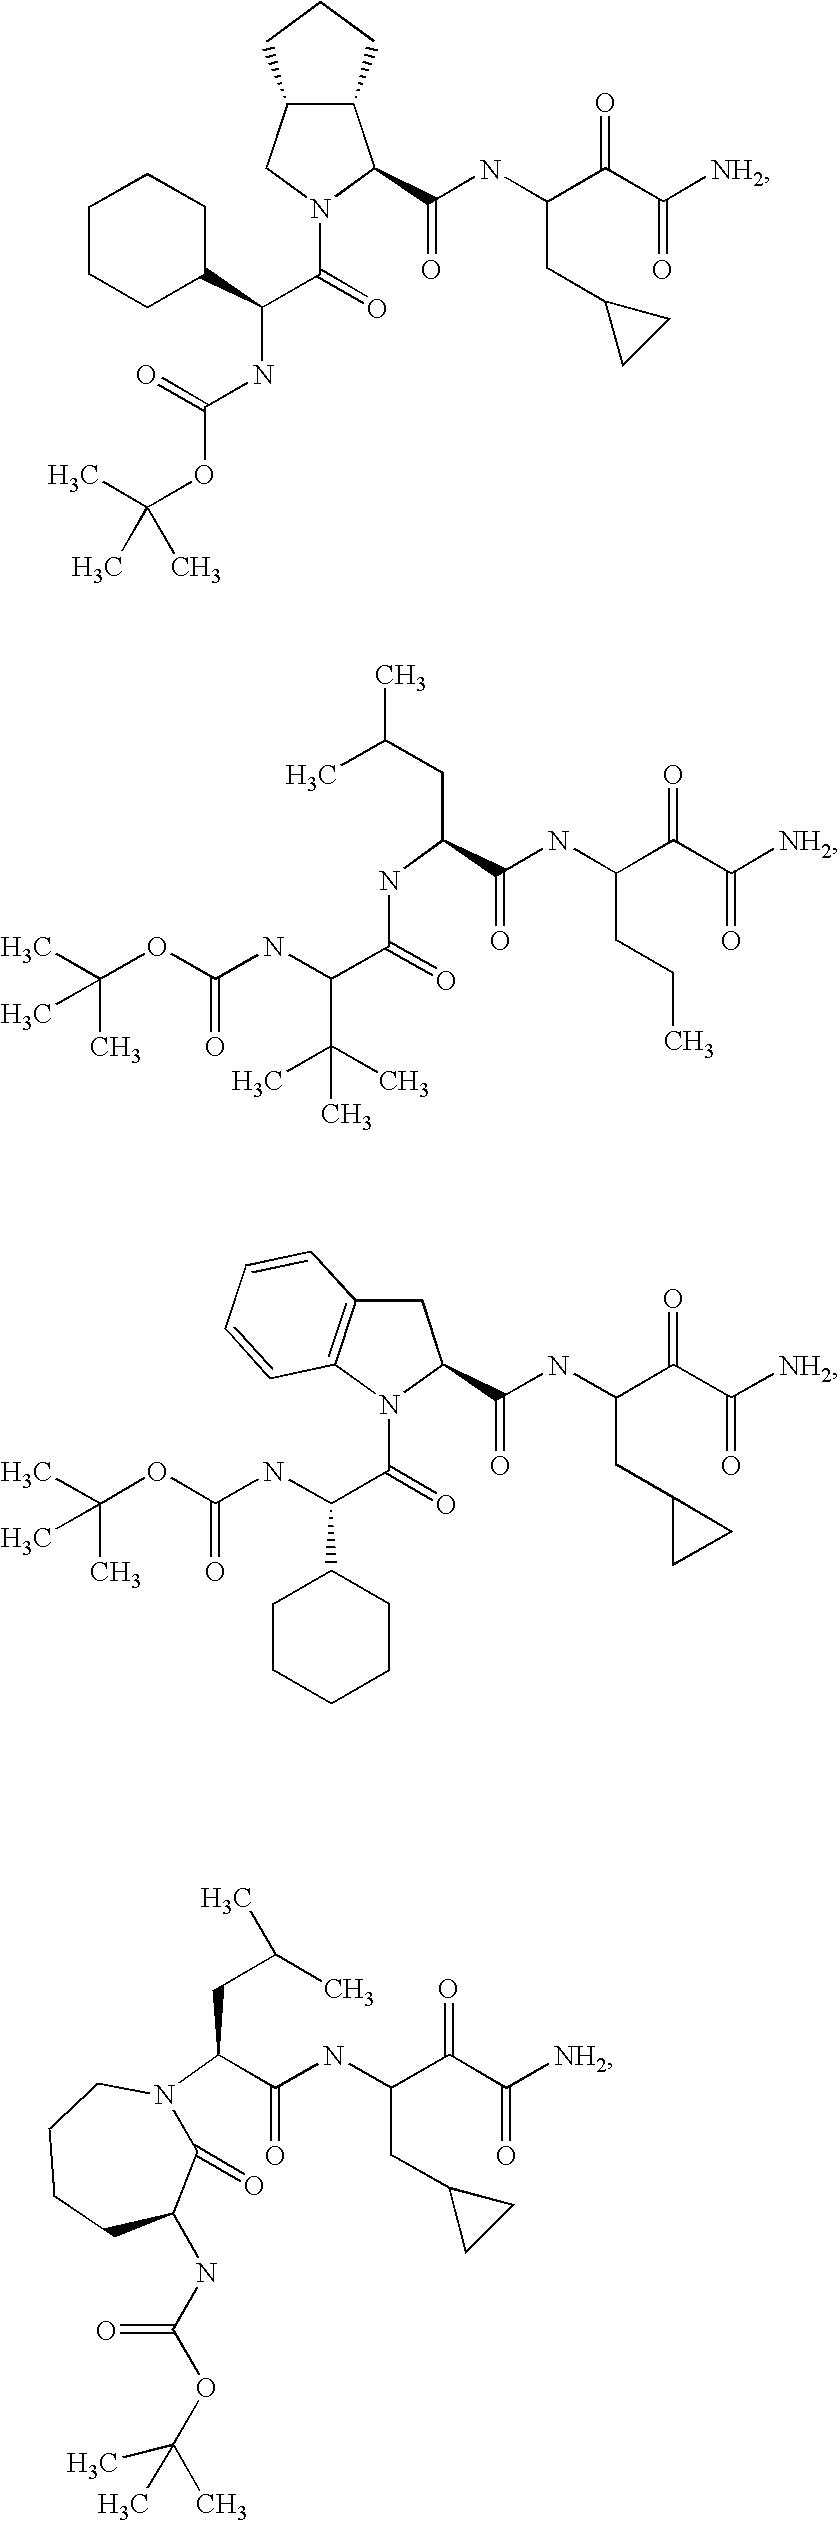 Figure US20060276404A1-20061207-C00087